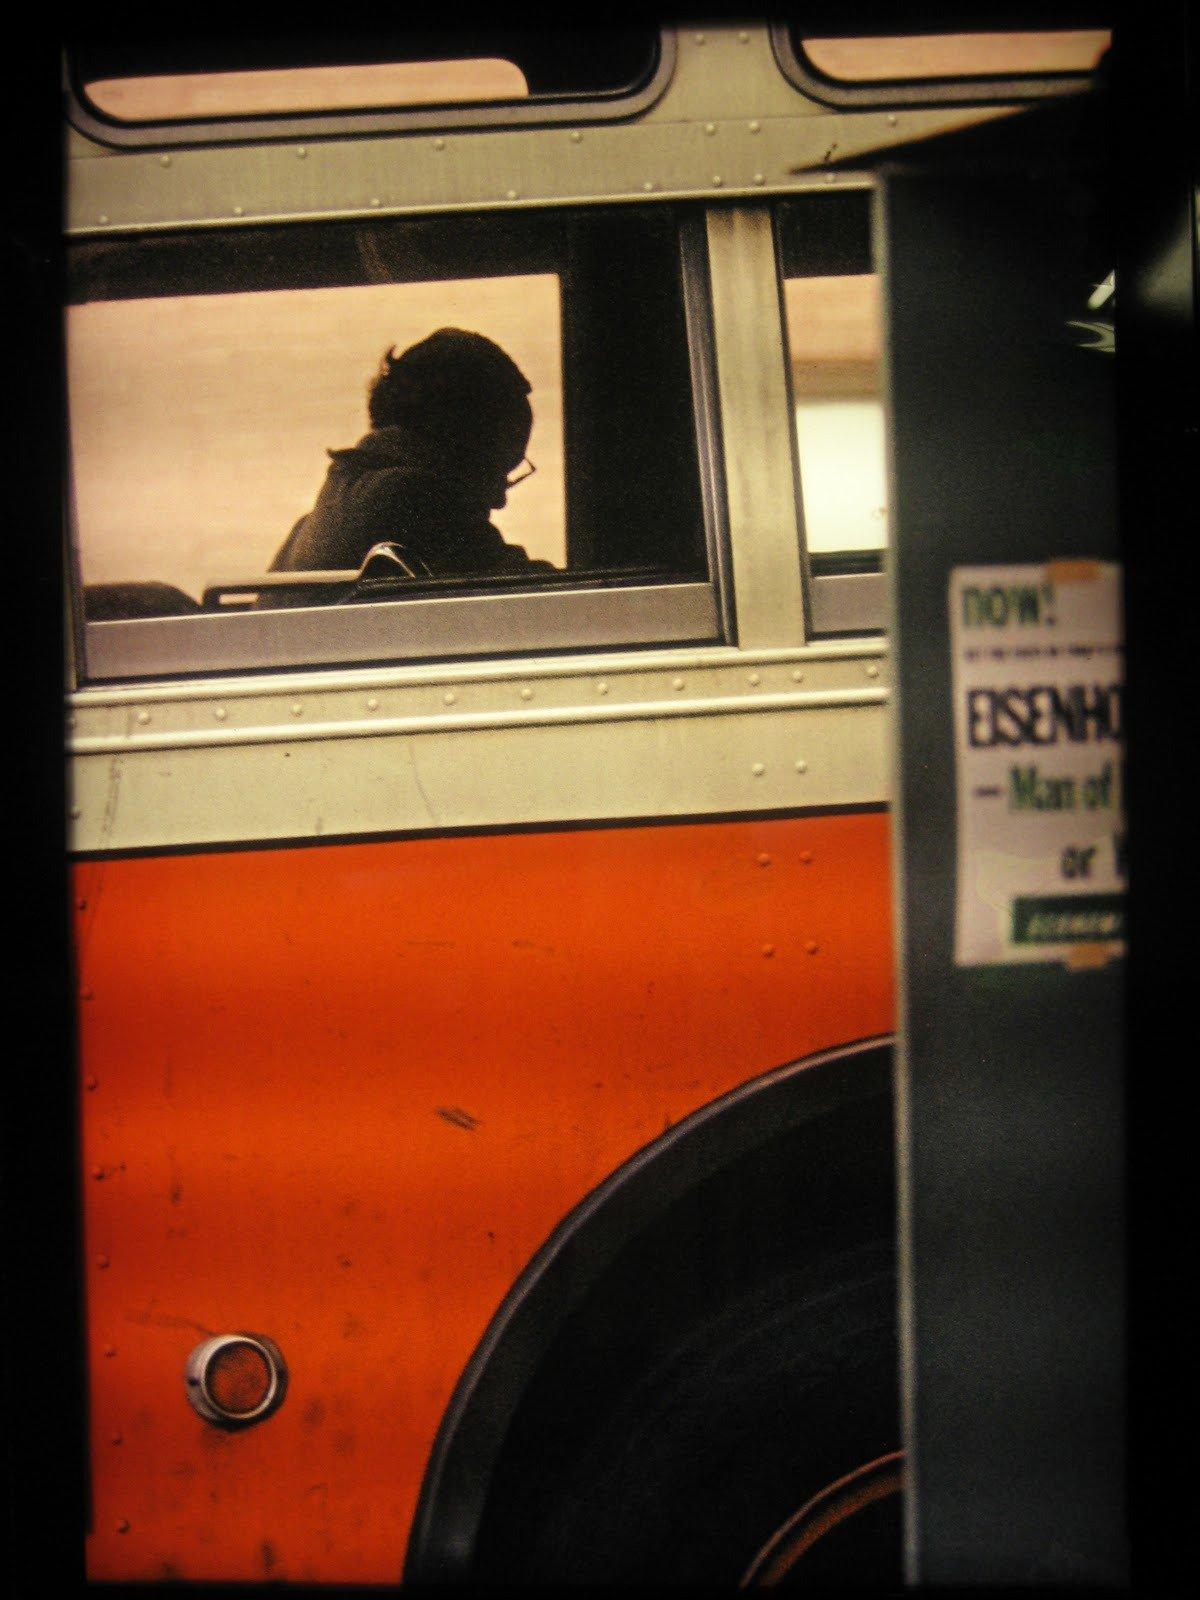 Man on Bus, États-Unis, 1957 © Saul Leiter